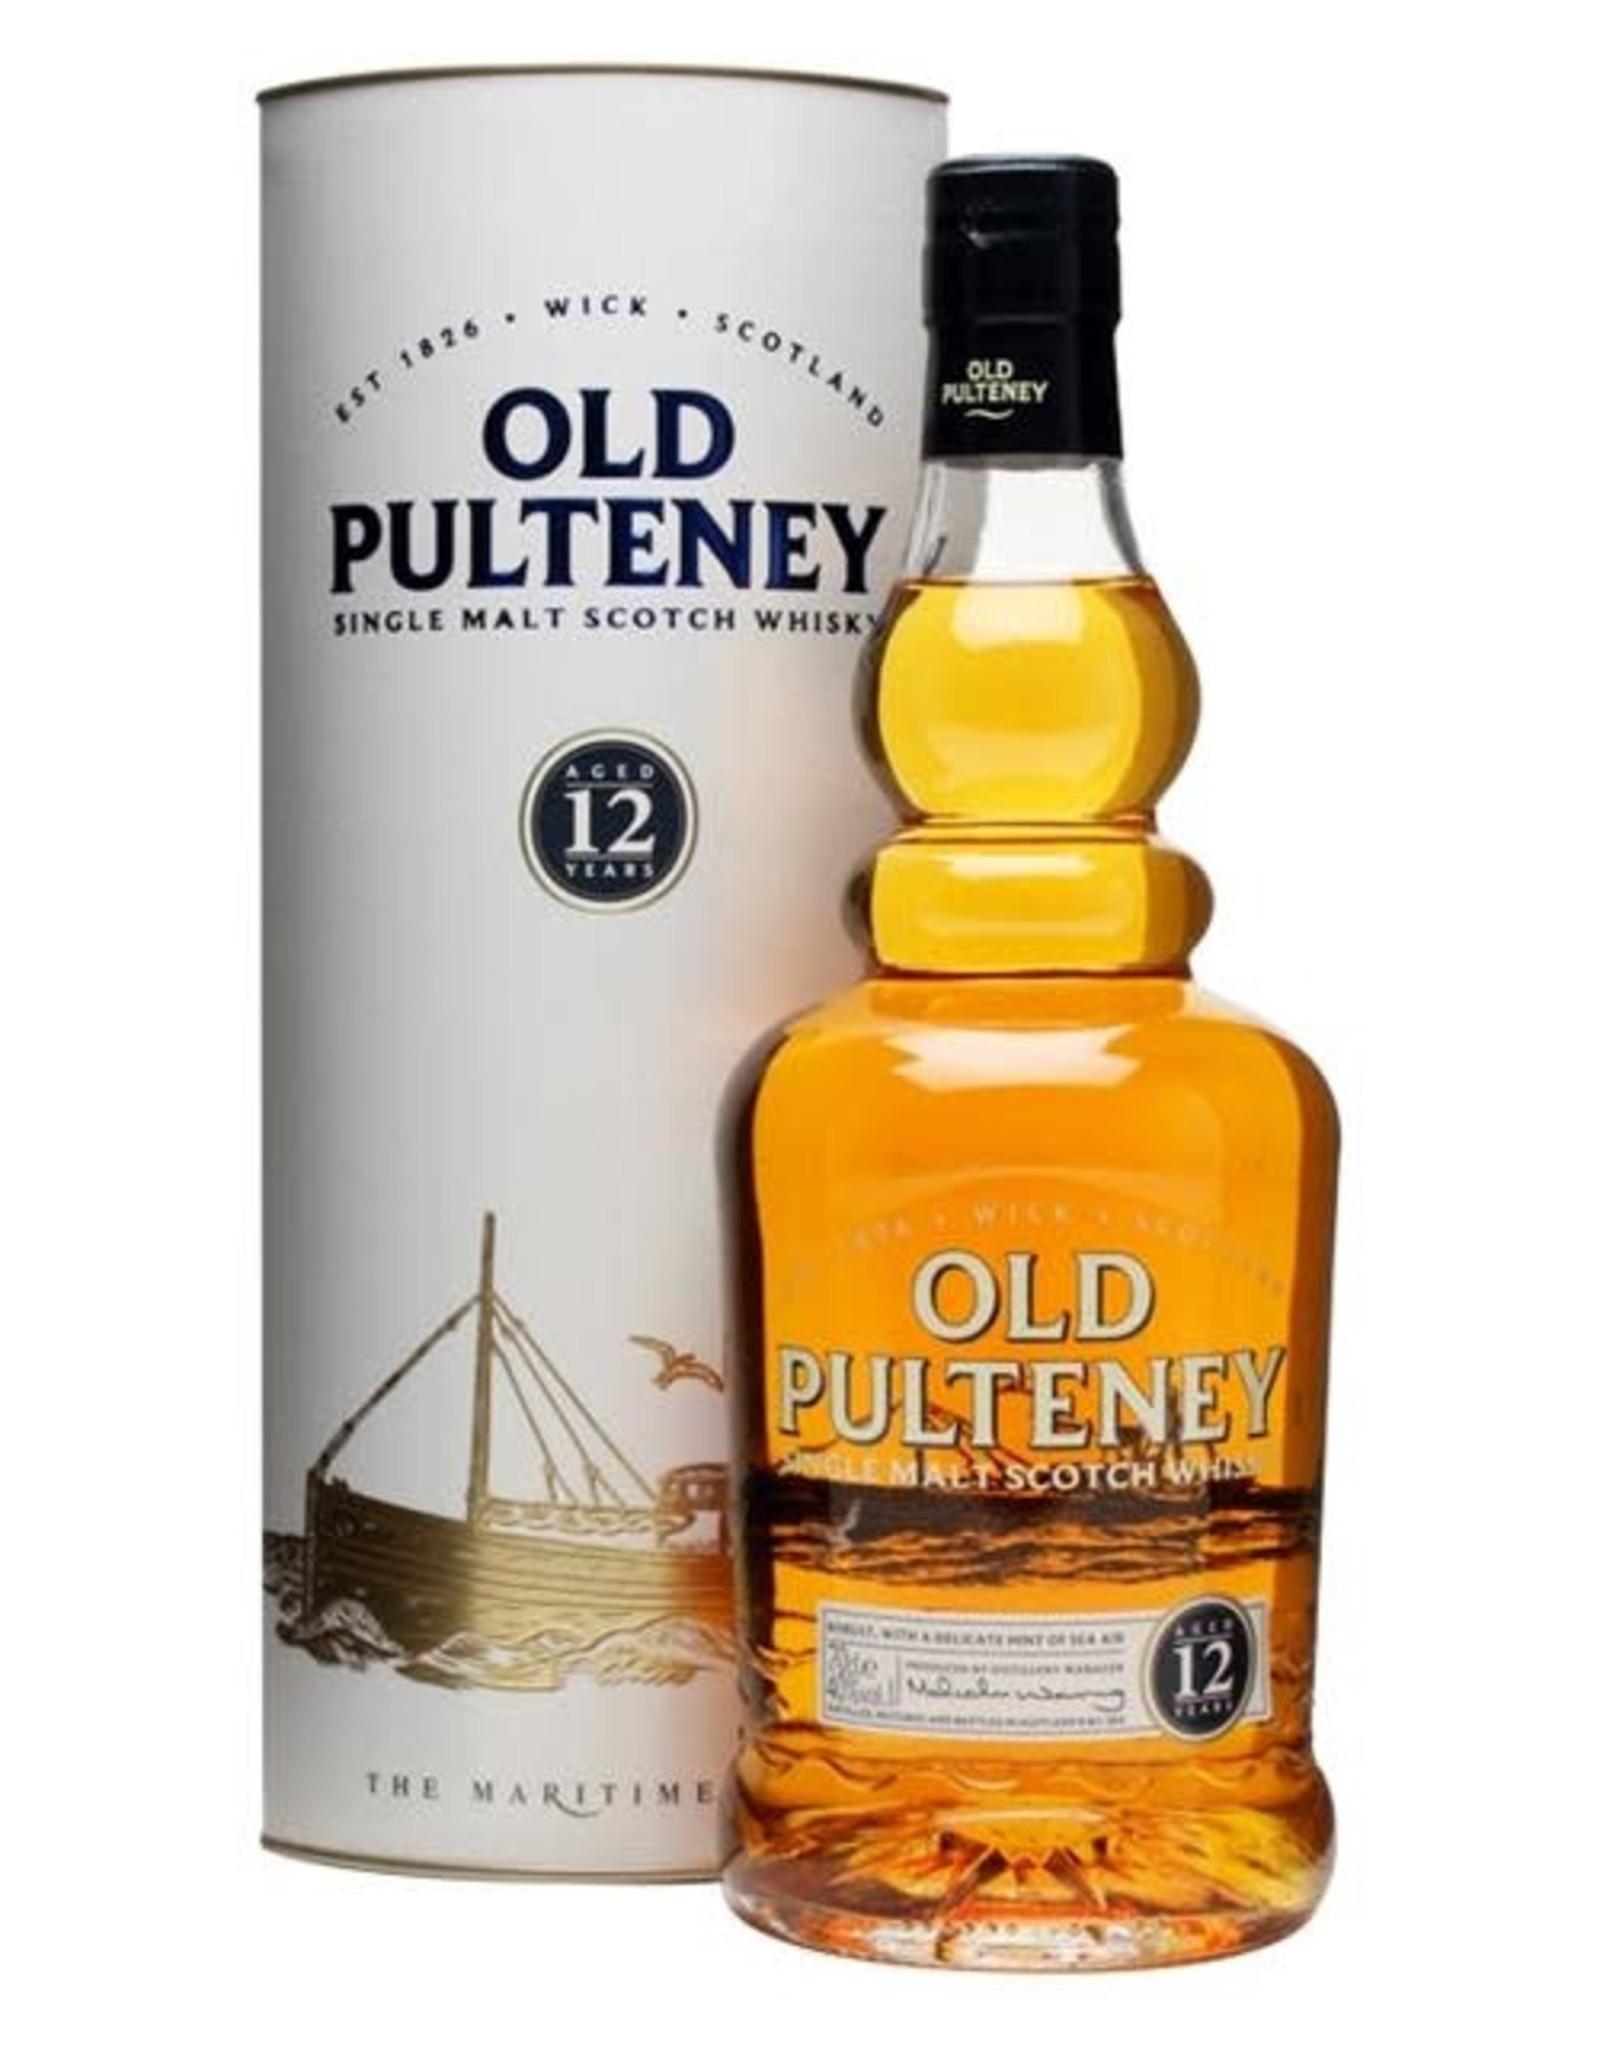 Old Pulteney 12yr Single Malt